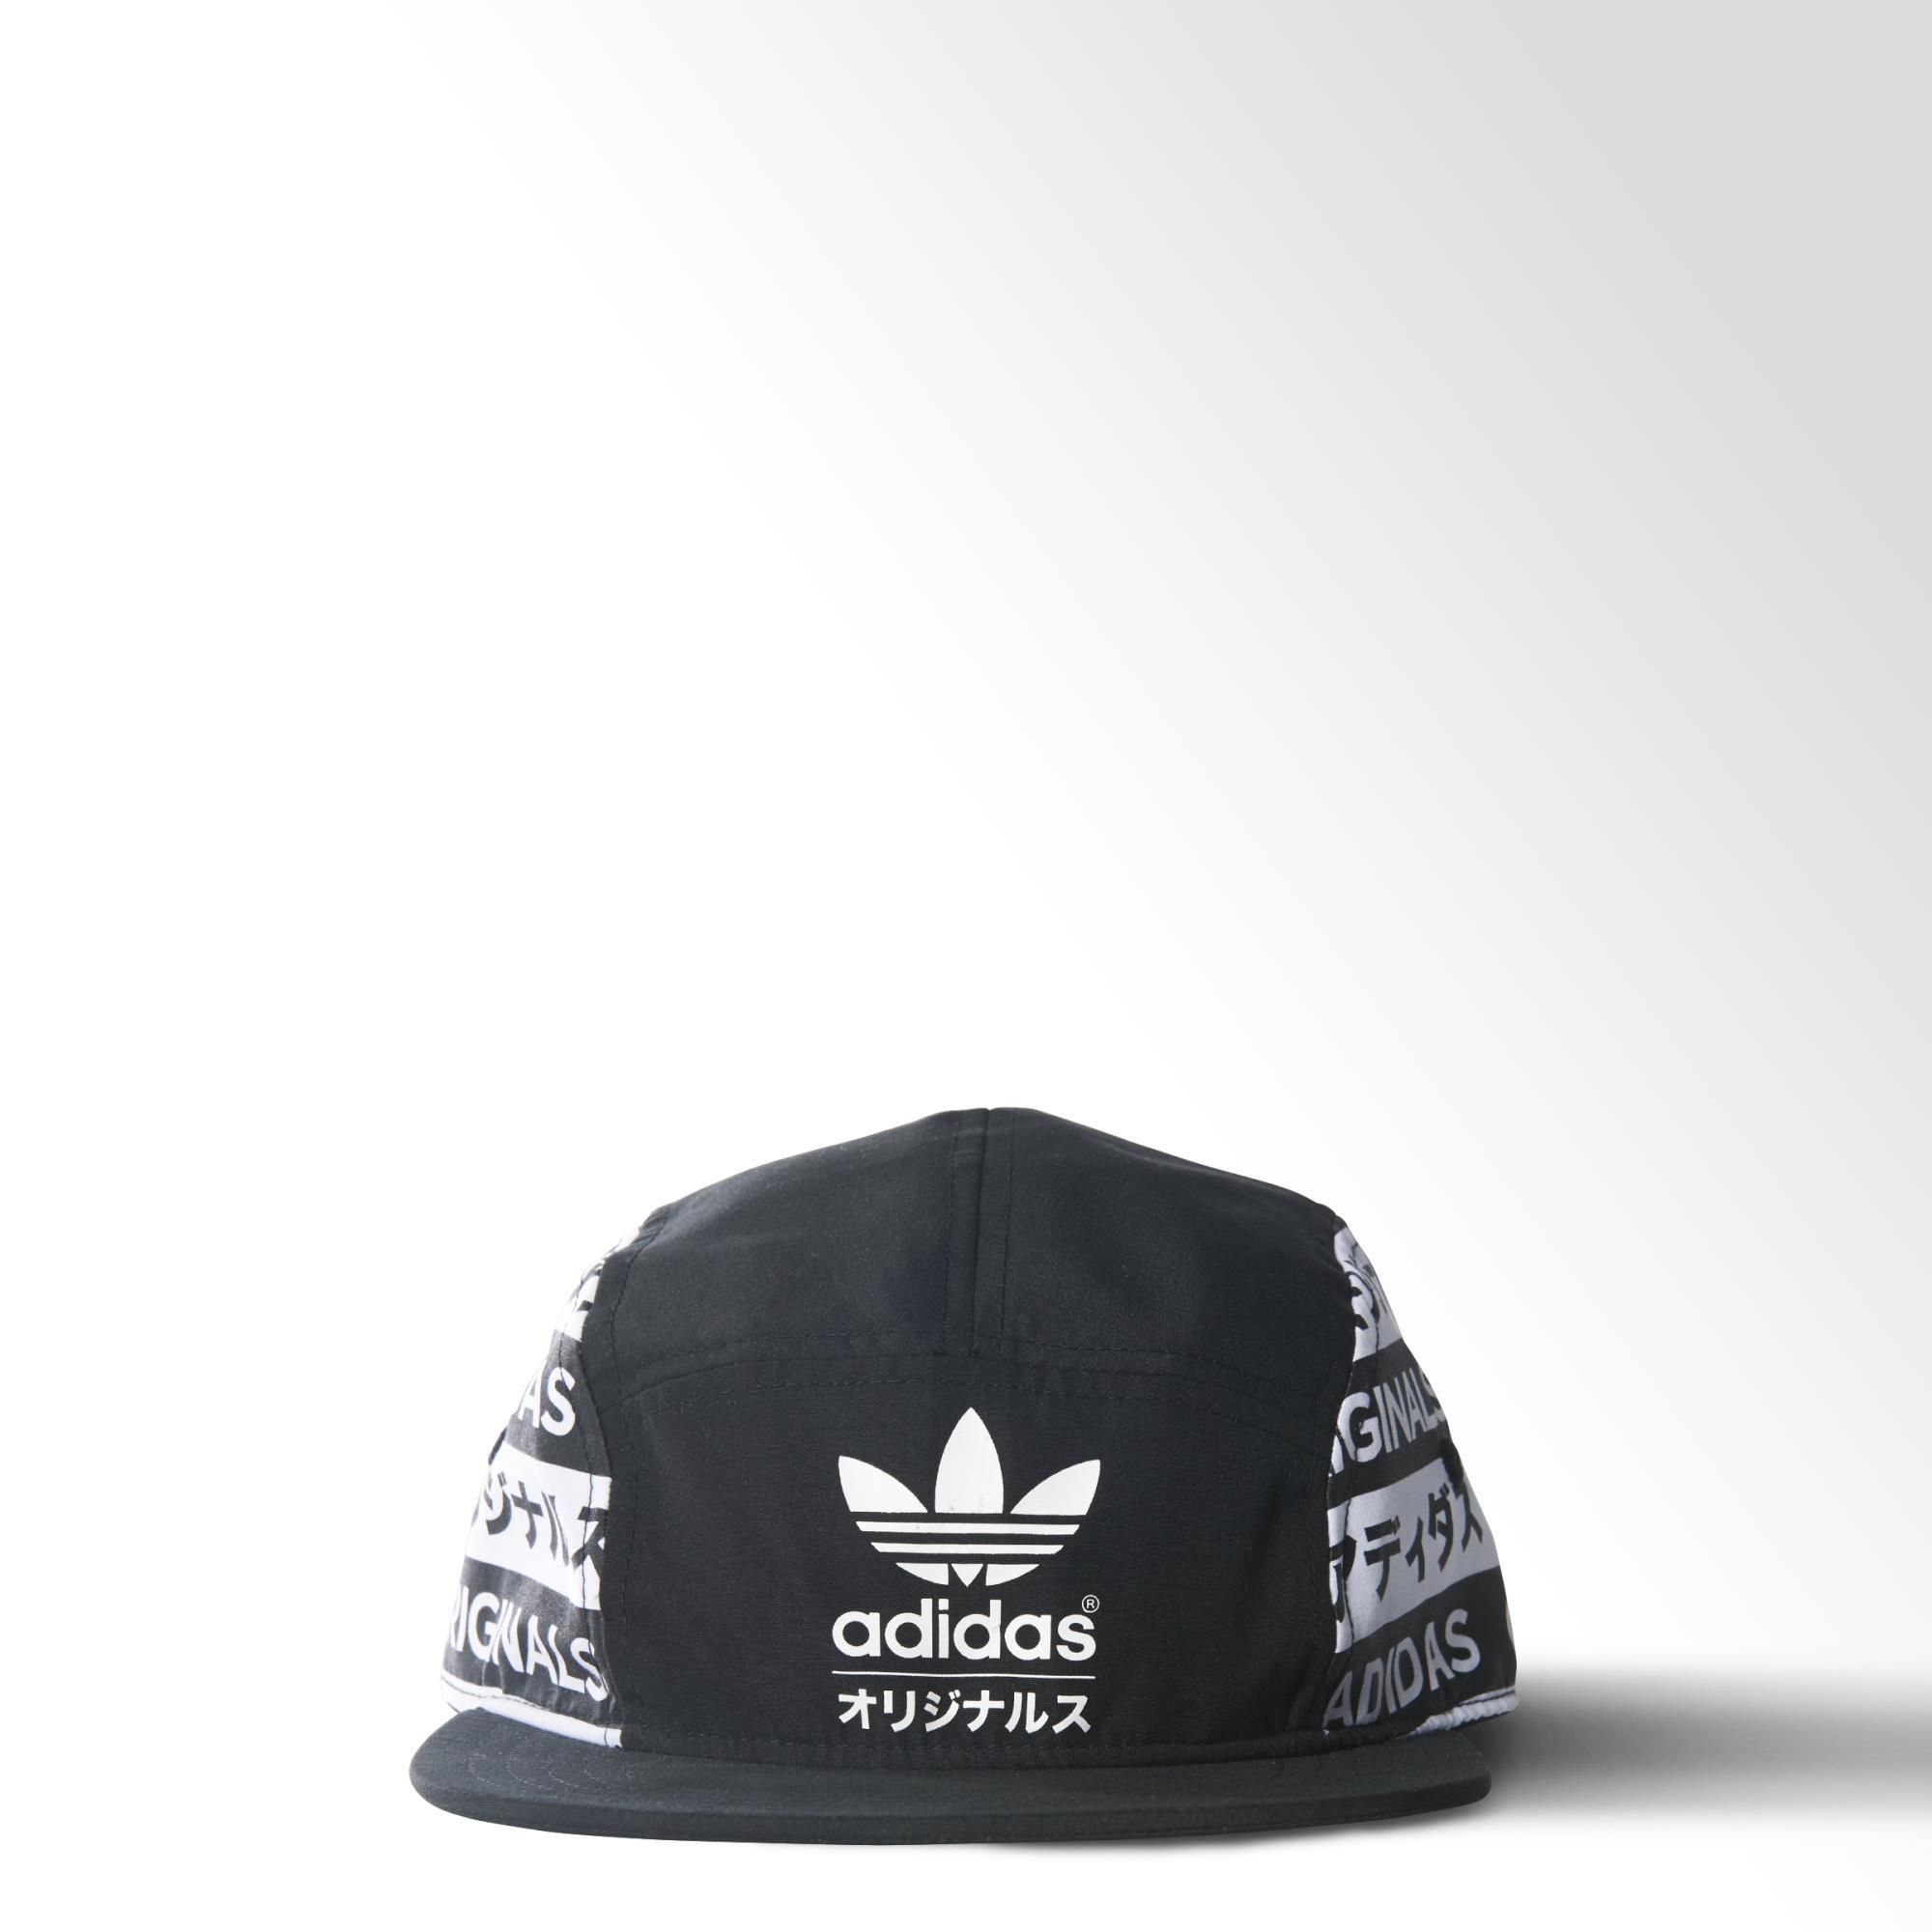 adidas Typo Flat-Brim Hat - Black  e1ebb8c9dd2